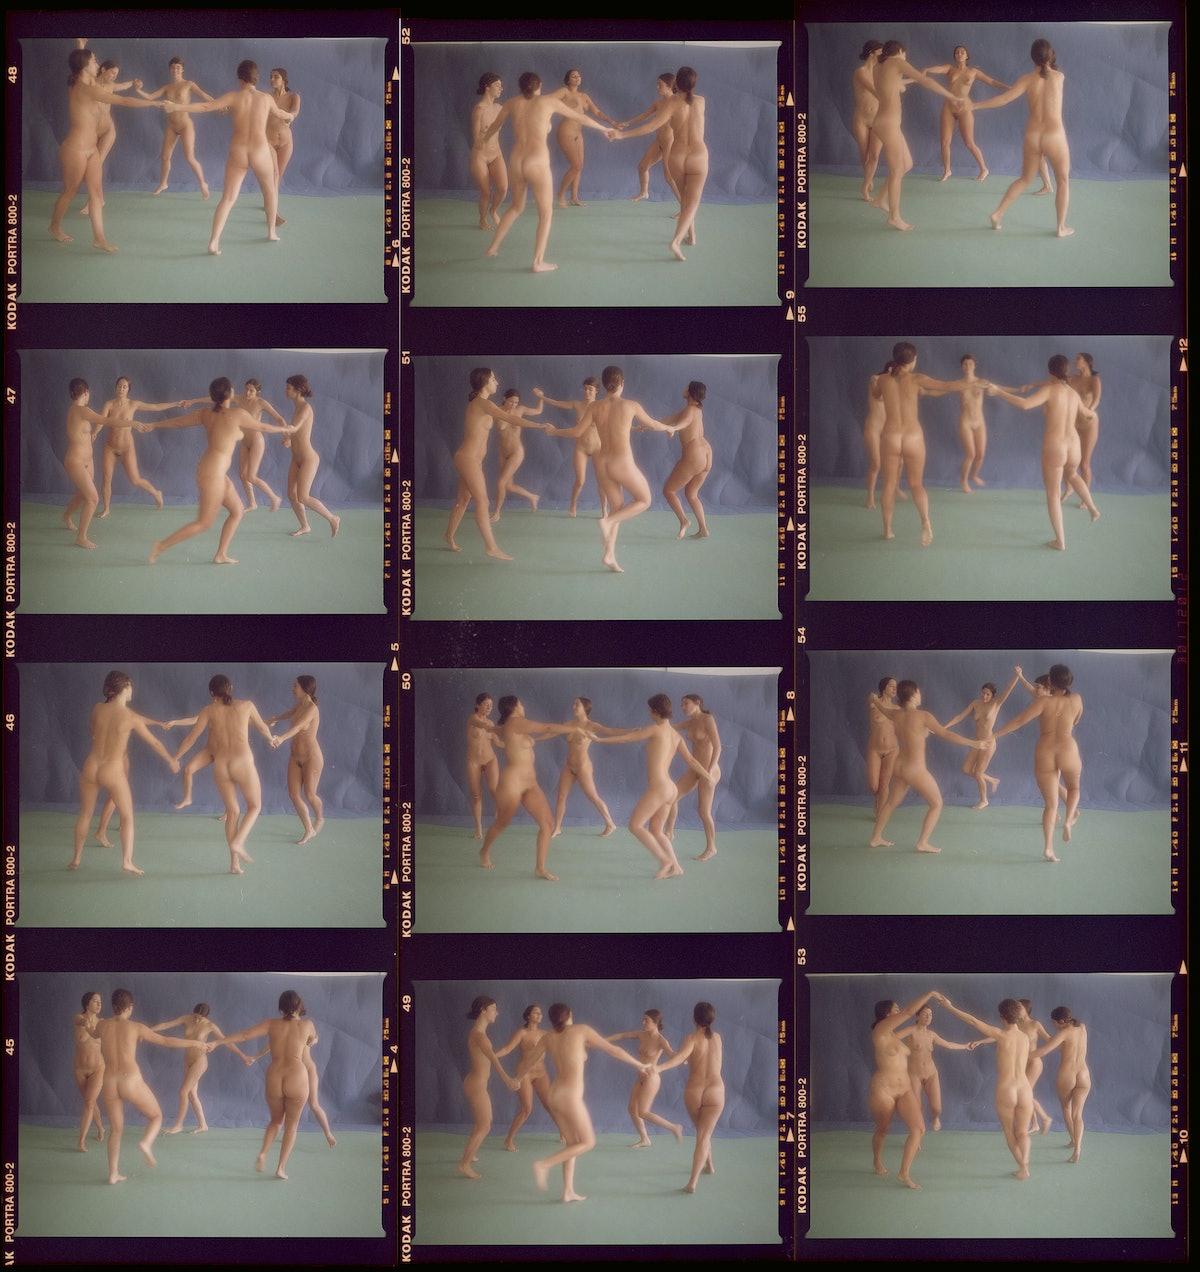 A grid of people dancing